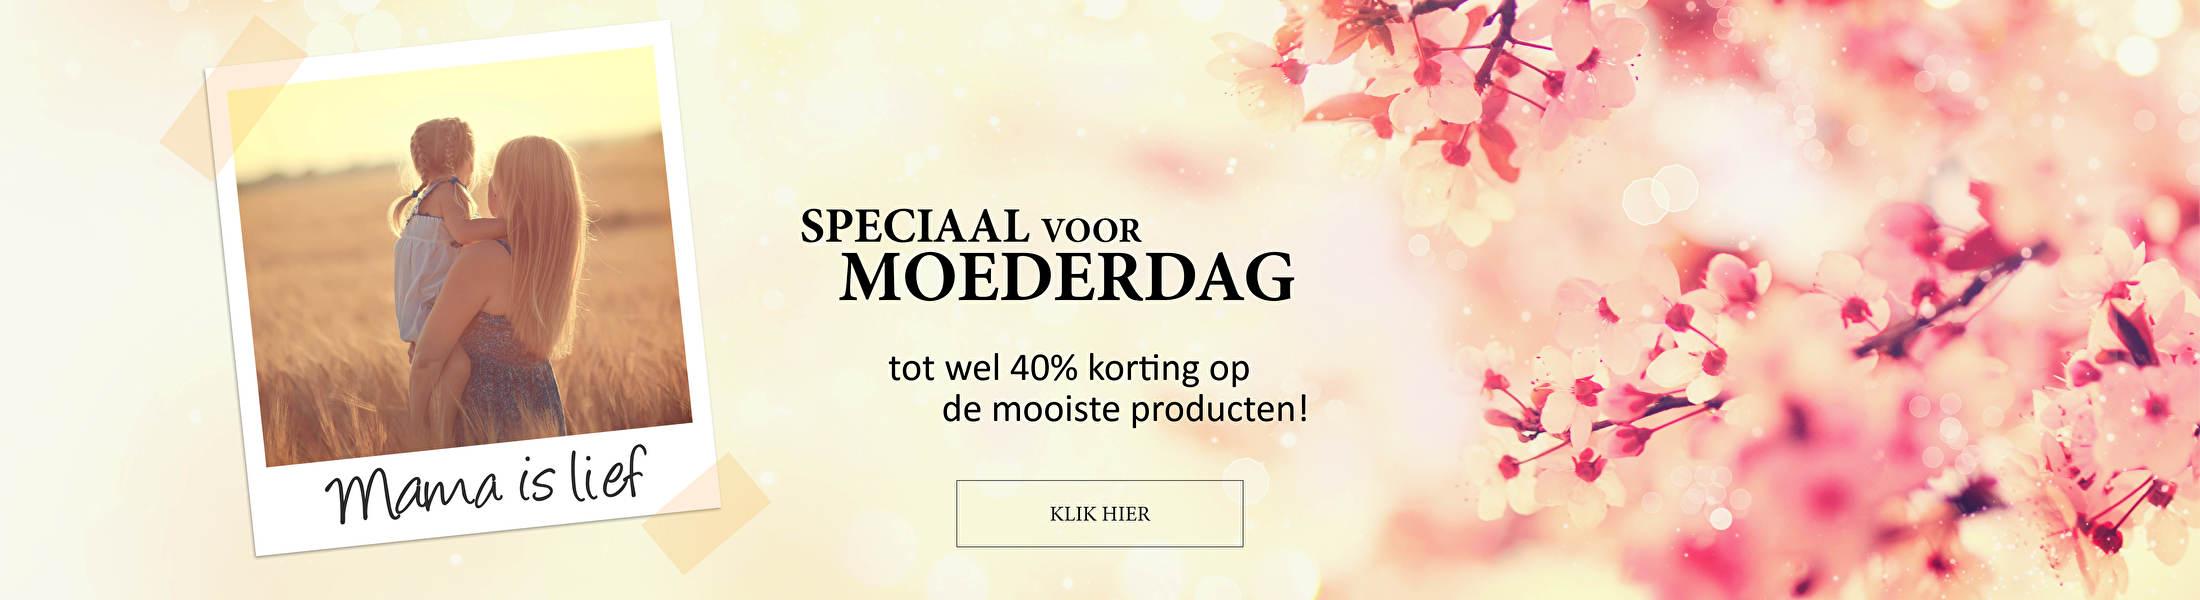 Speciaal voor Moederdag tot wel 40% korting op de mooiste producten!